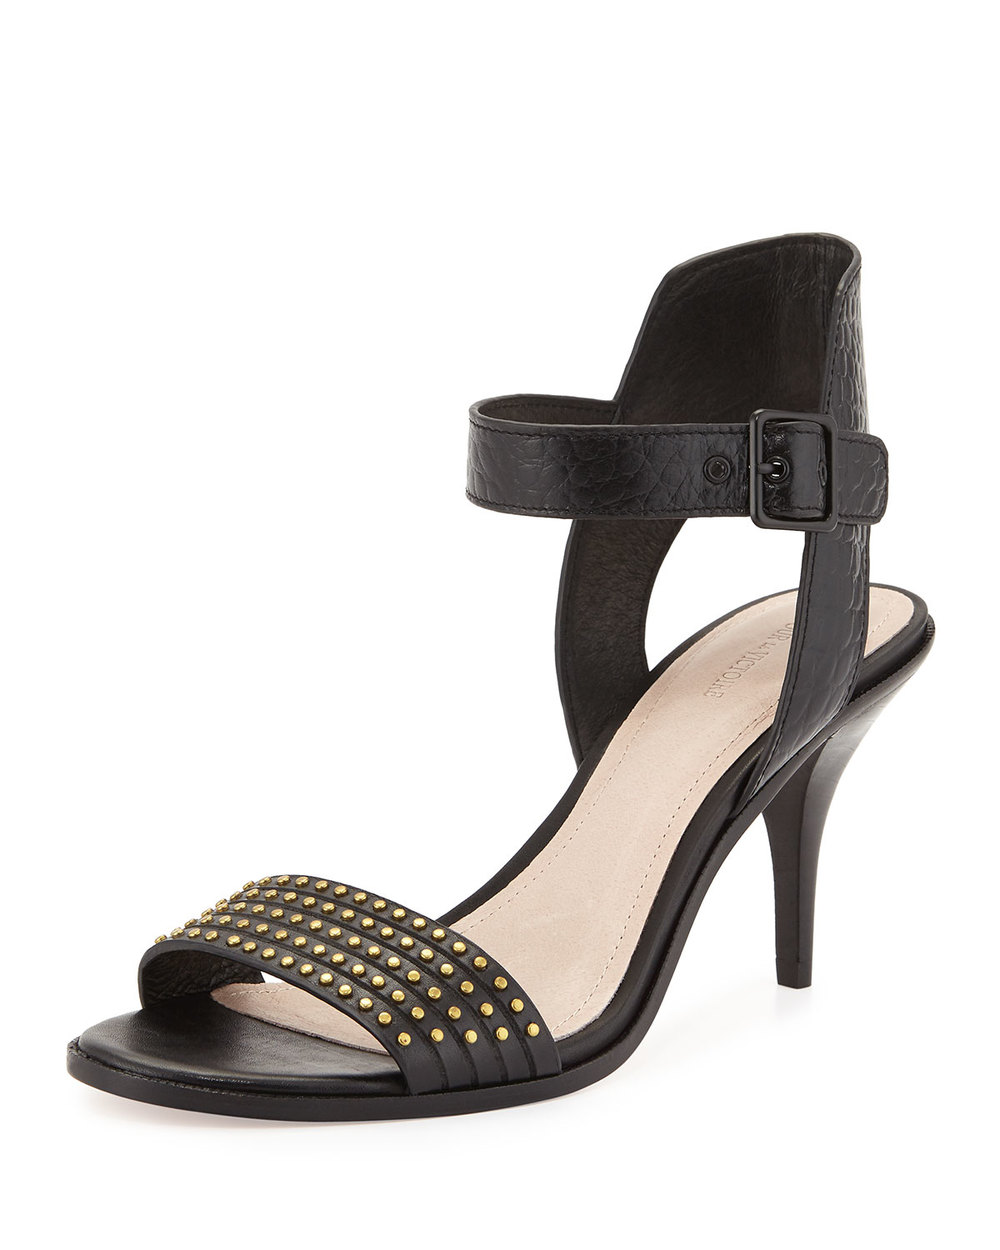 Pour la Victoire Mya Studded Ankle-Wrap Sandal, Black • $109.60 • Neiman Marcus